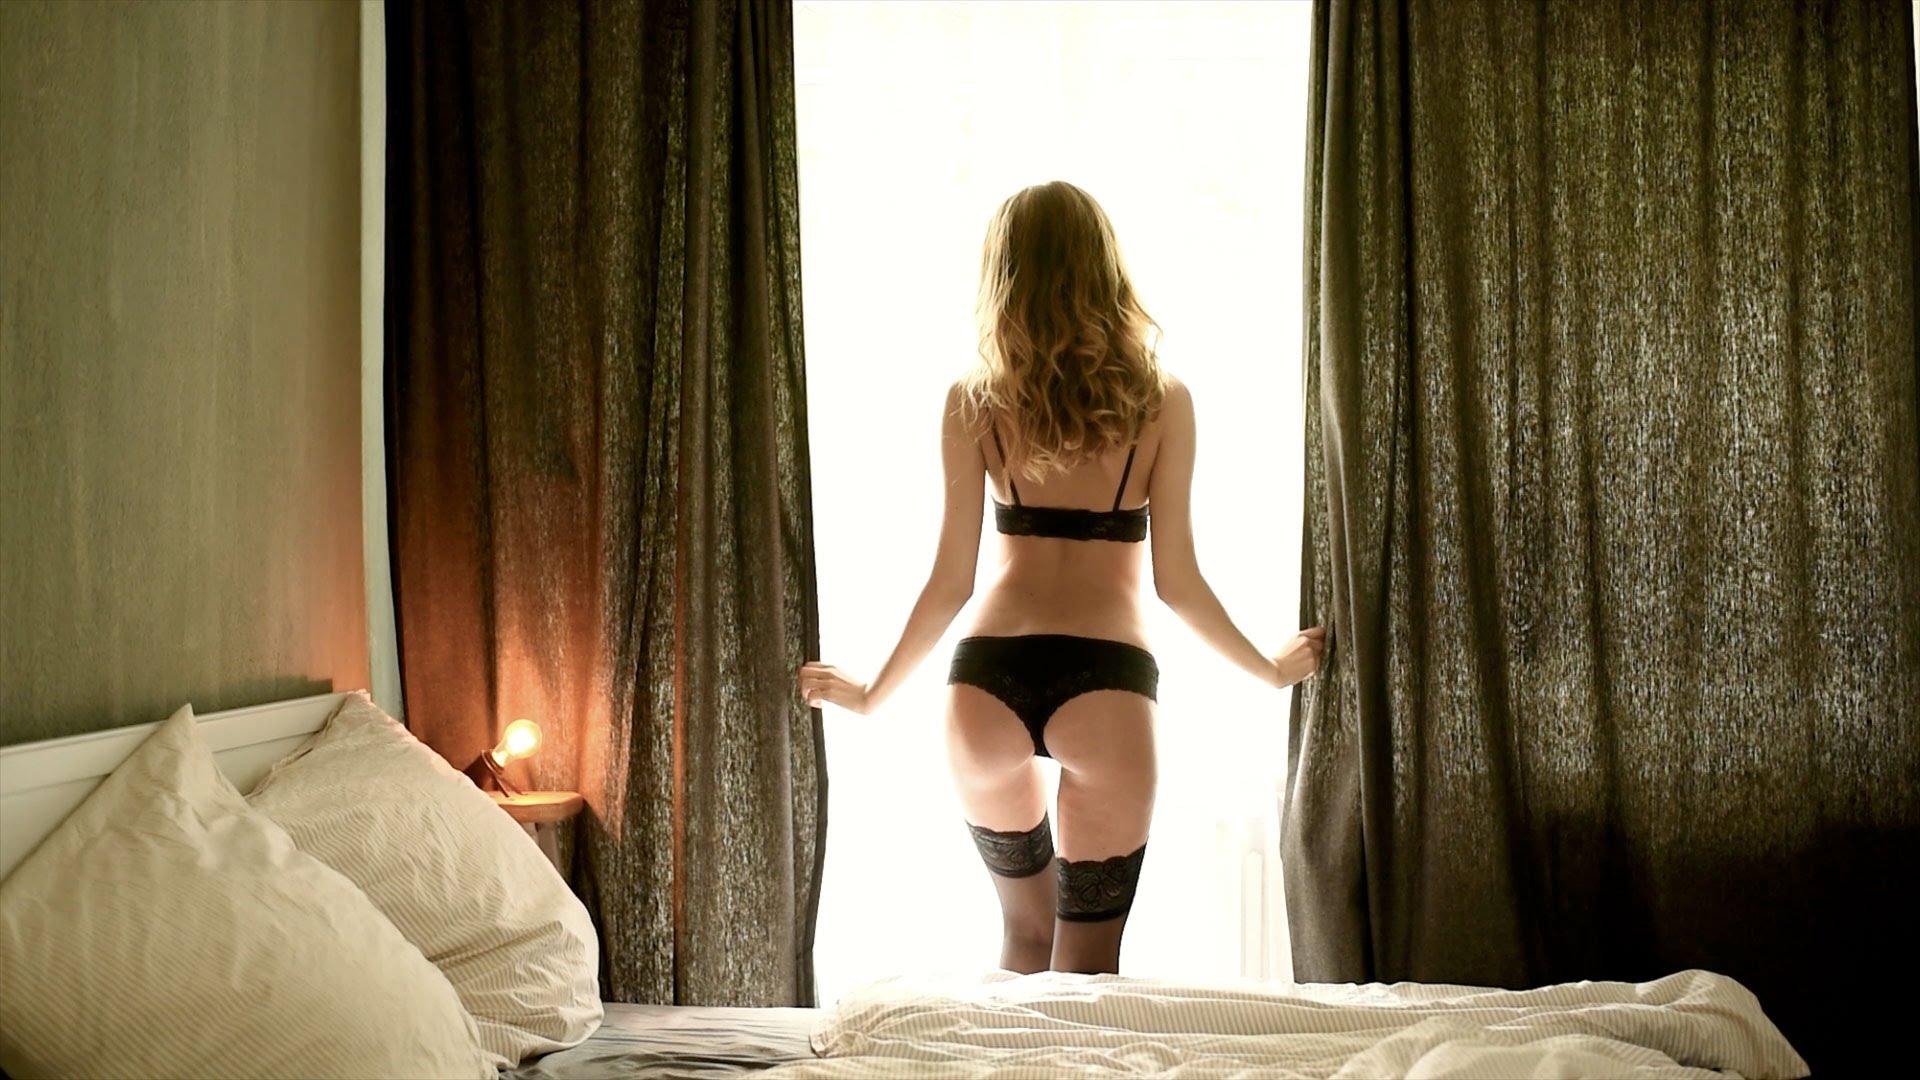 Dezvăluiri şocante Fotomodelele primesc pentru o noapte de sex sume cuprinse între 3.500 $ şi 2 milioane 2